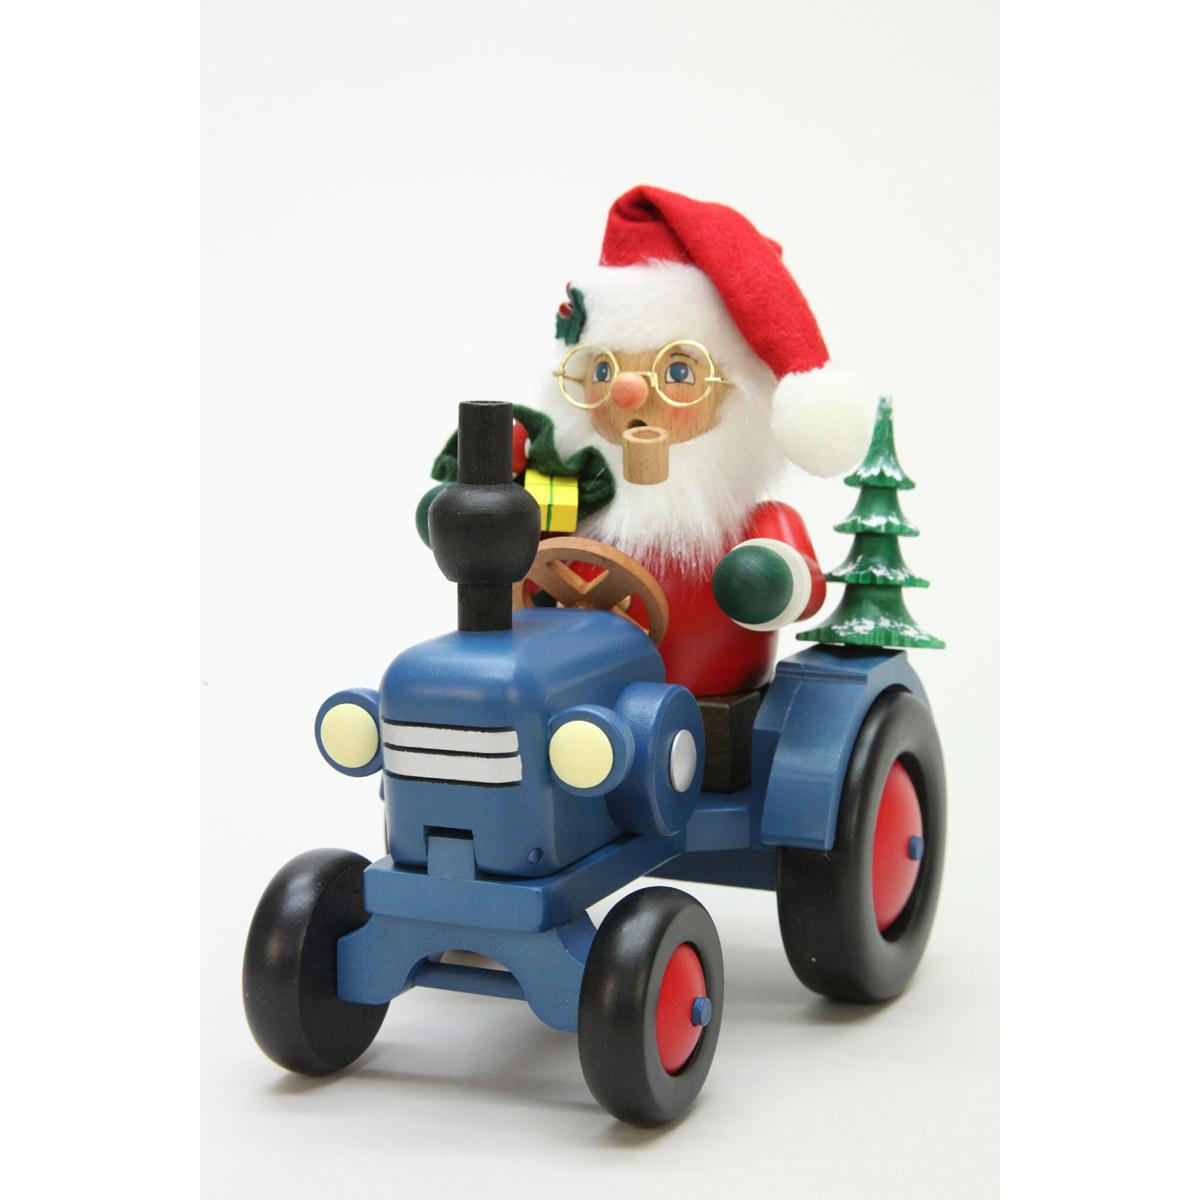 r ucherm nnchen weihnachtsmann auf traktor von christian ulbricht f r kaufen